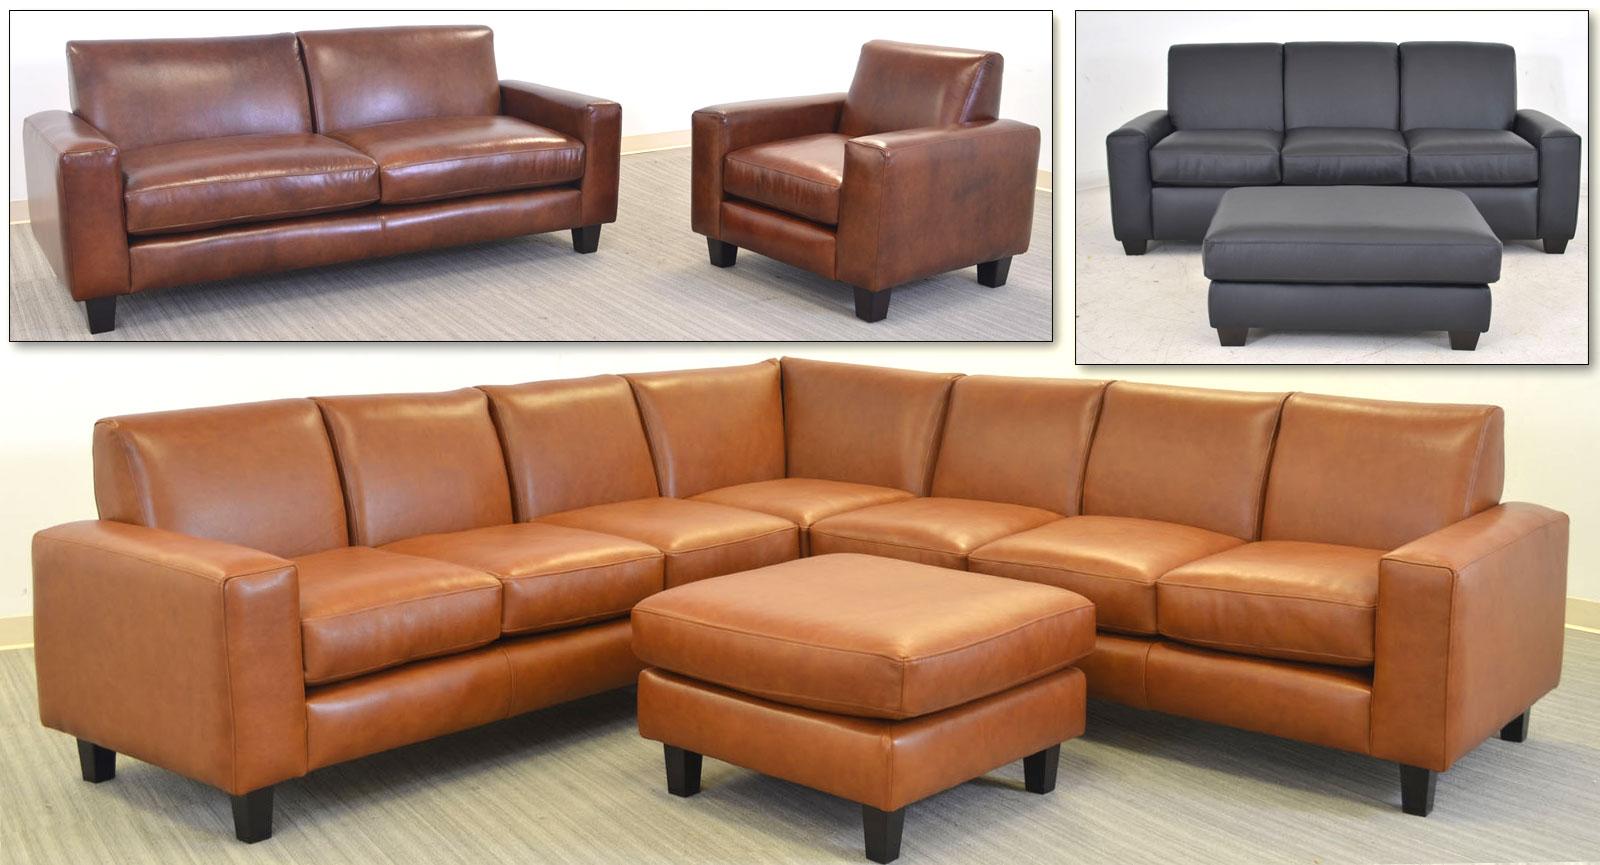 Sofas elegantes fabulous elegante sectional seat chair for Sofa elegante